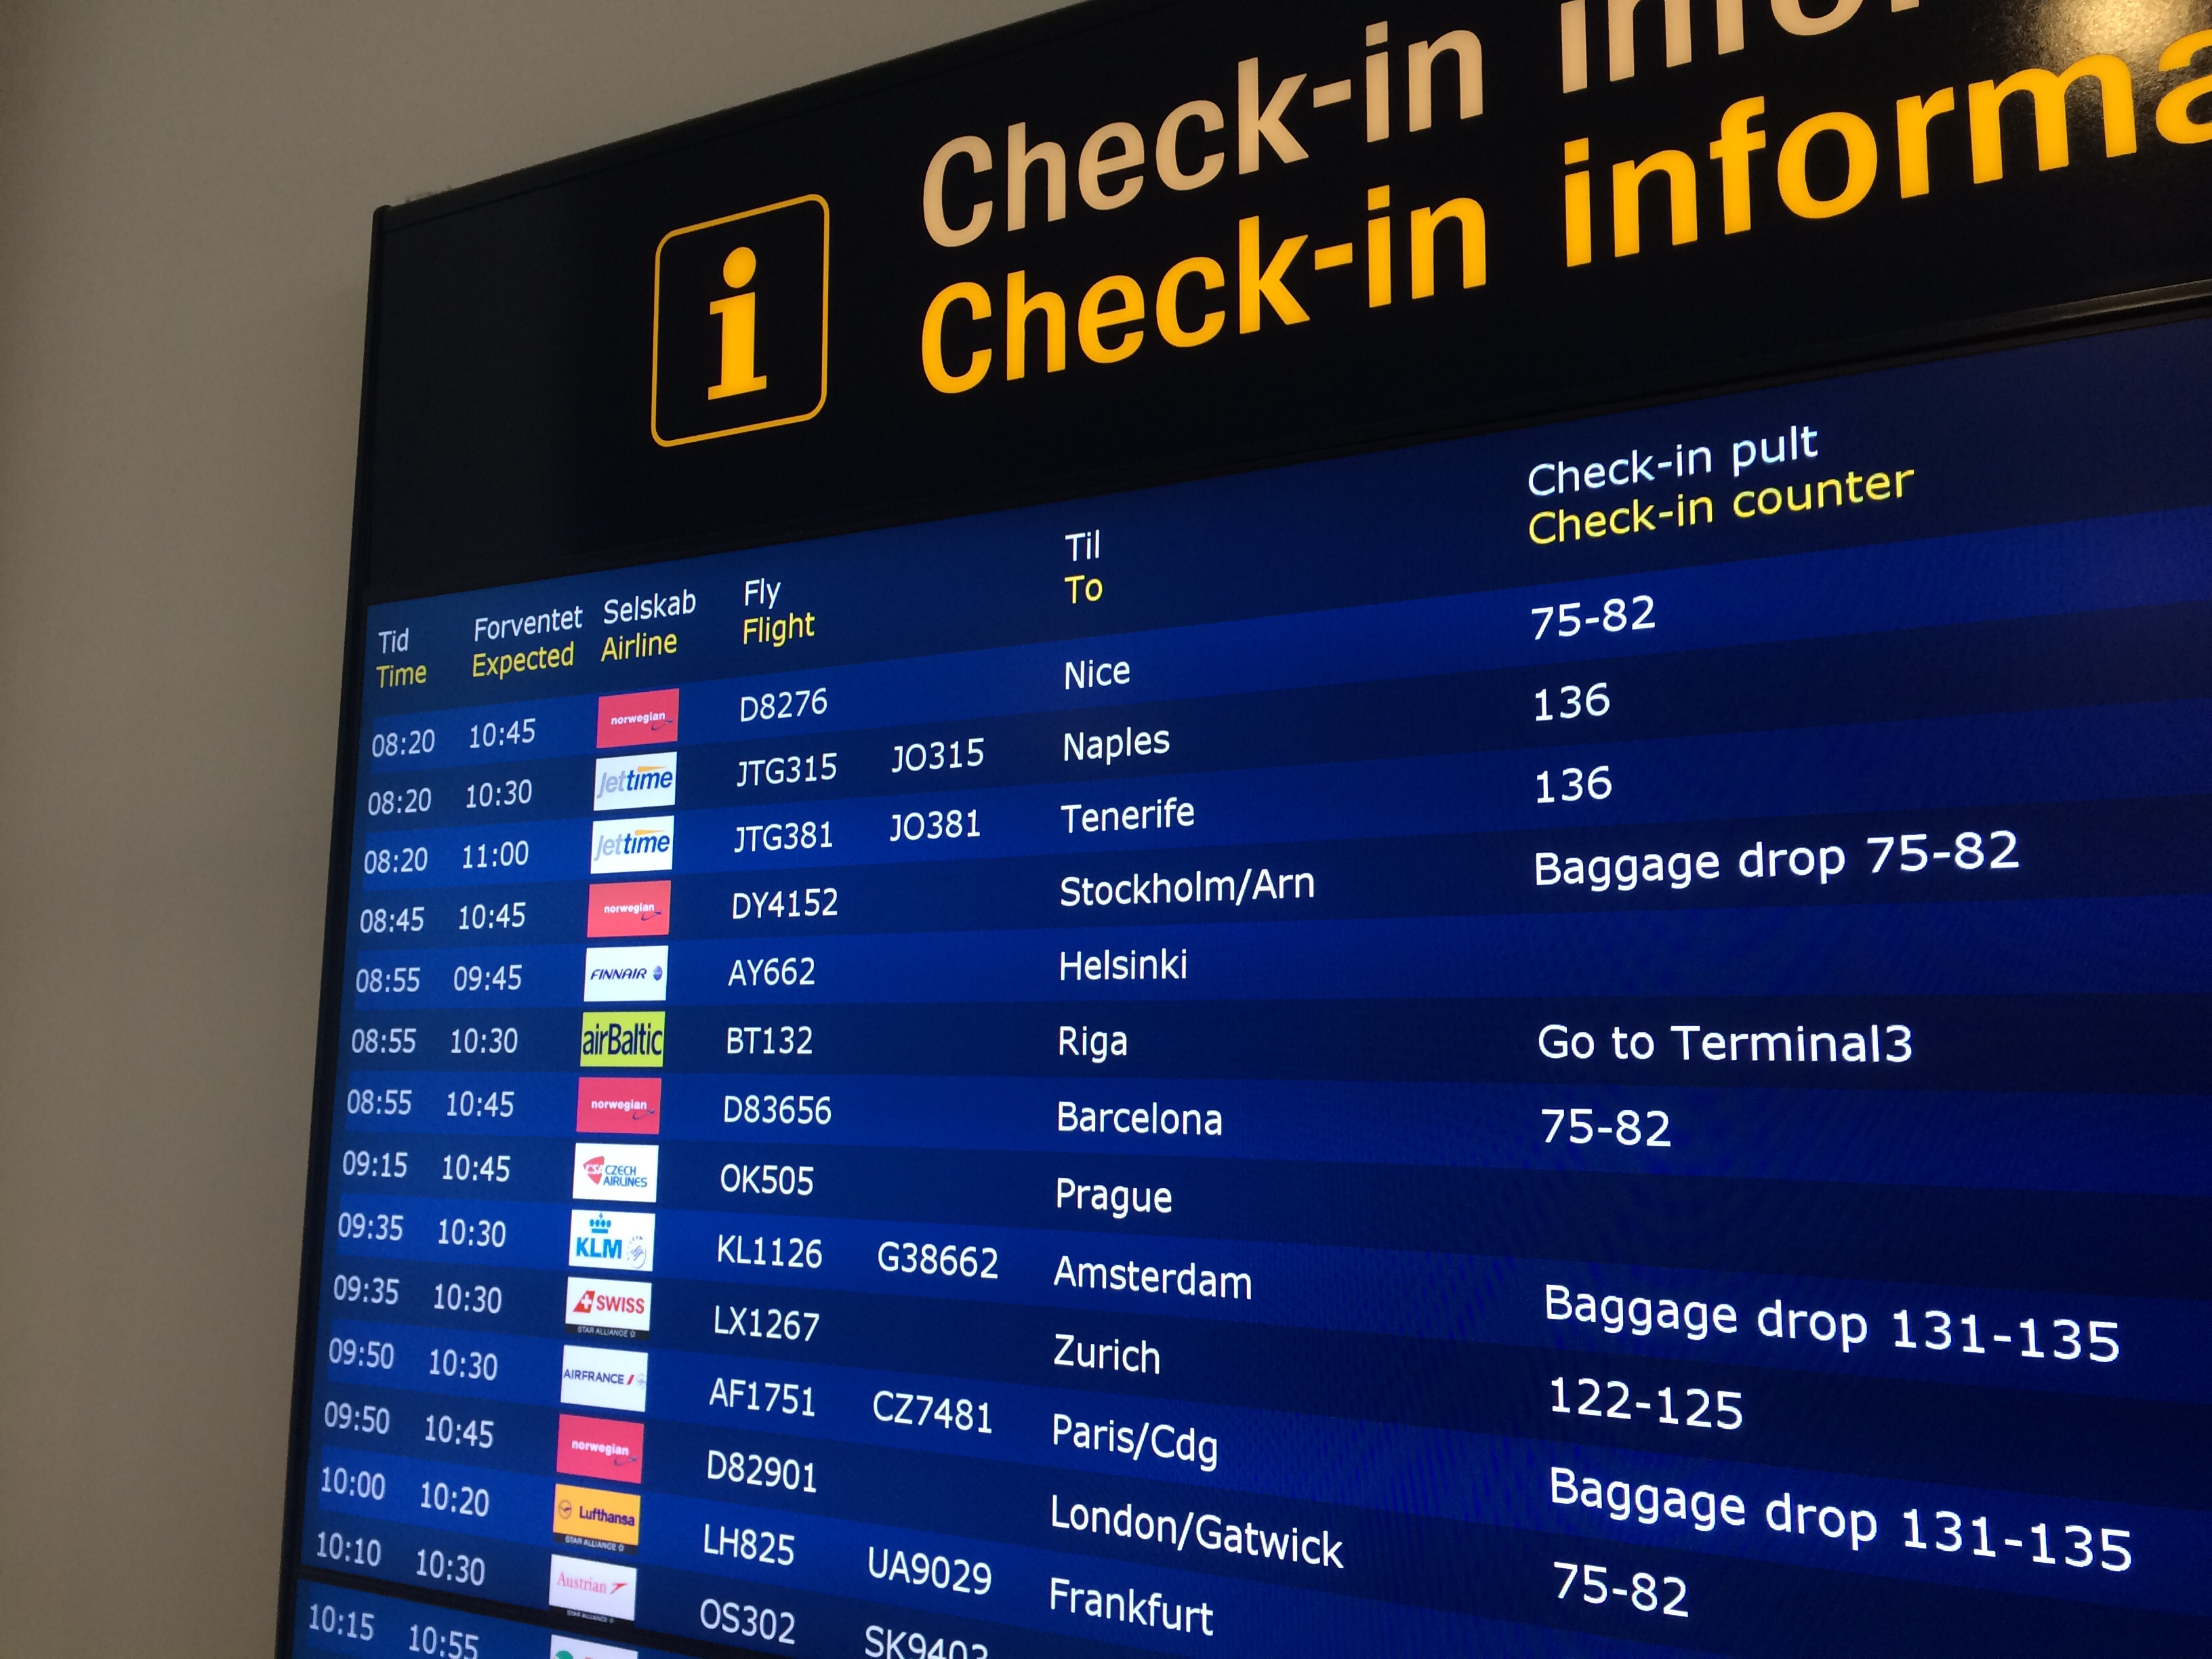 Informationstavle lufthavnen